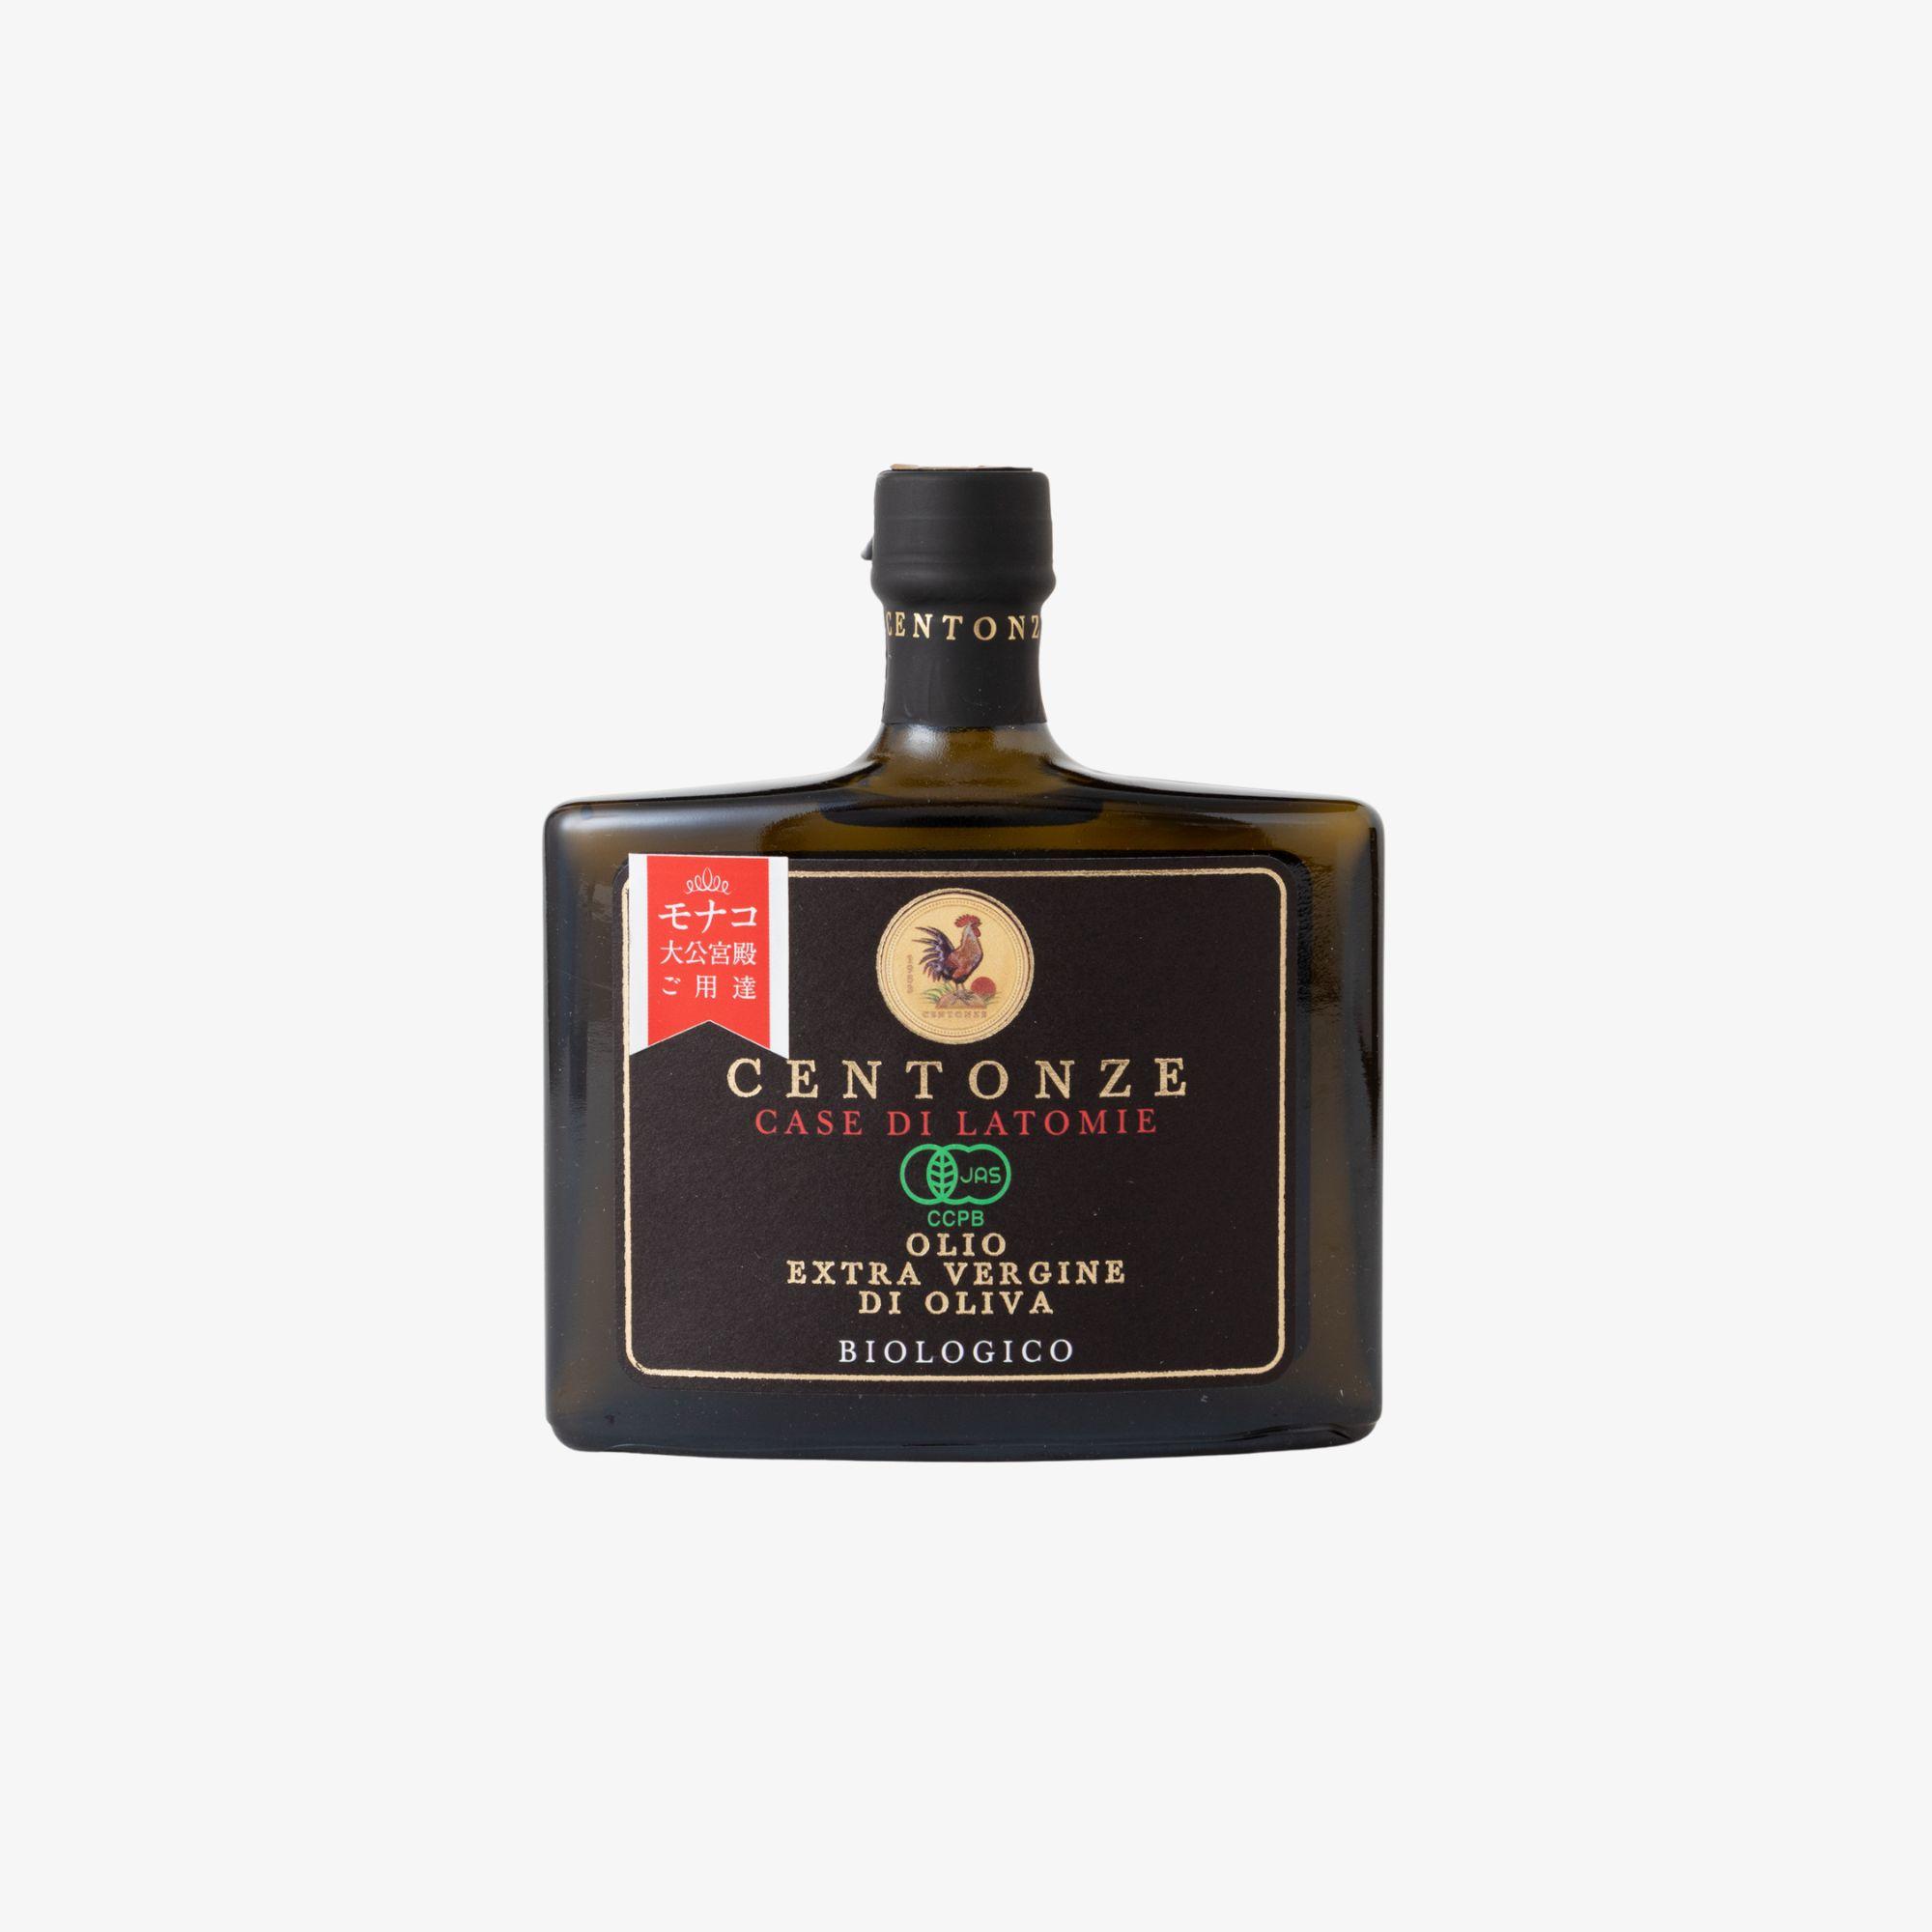 オーガニックエクストラバージンオリーブオイル92g・チェントンツェCentonze・シチリア産 の商品画像